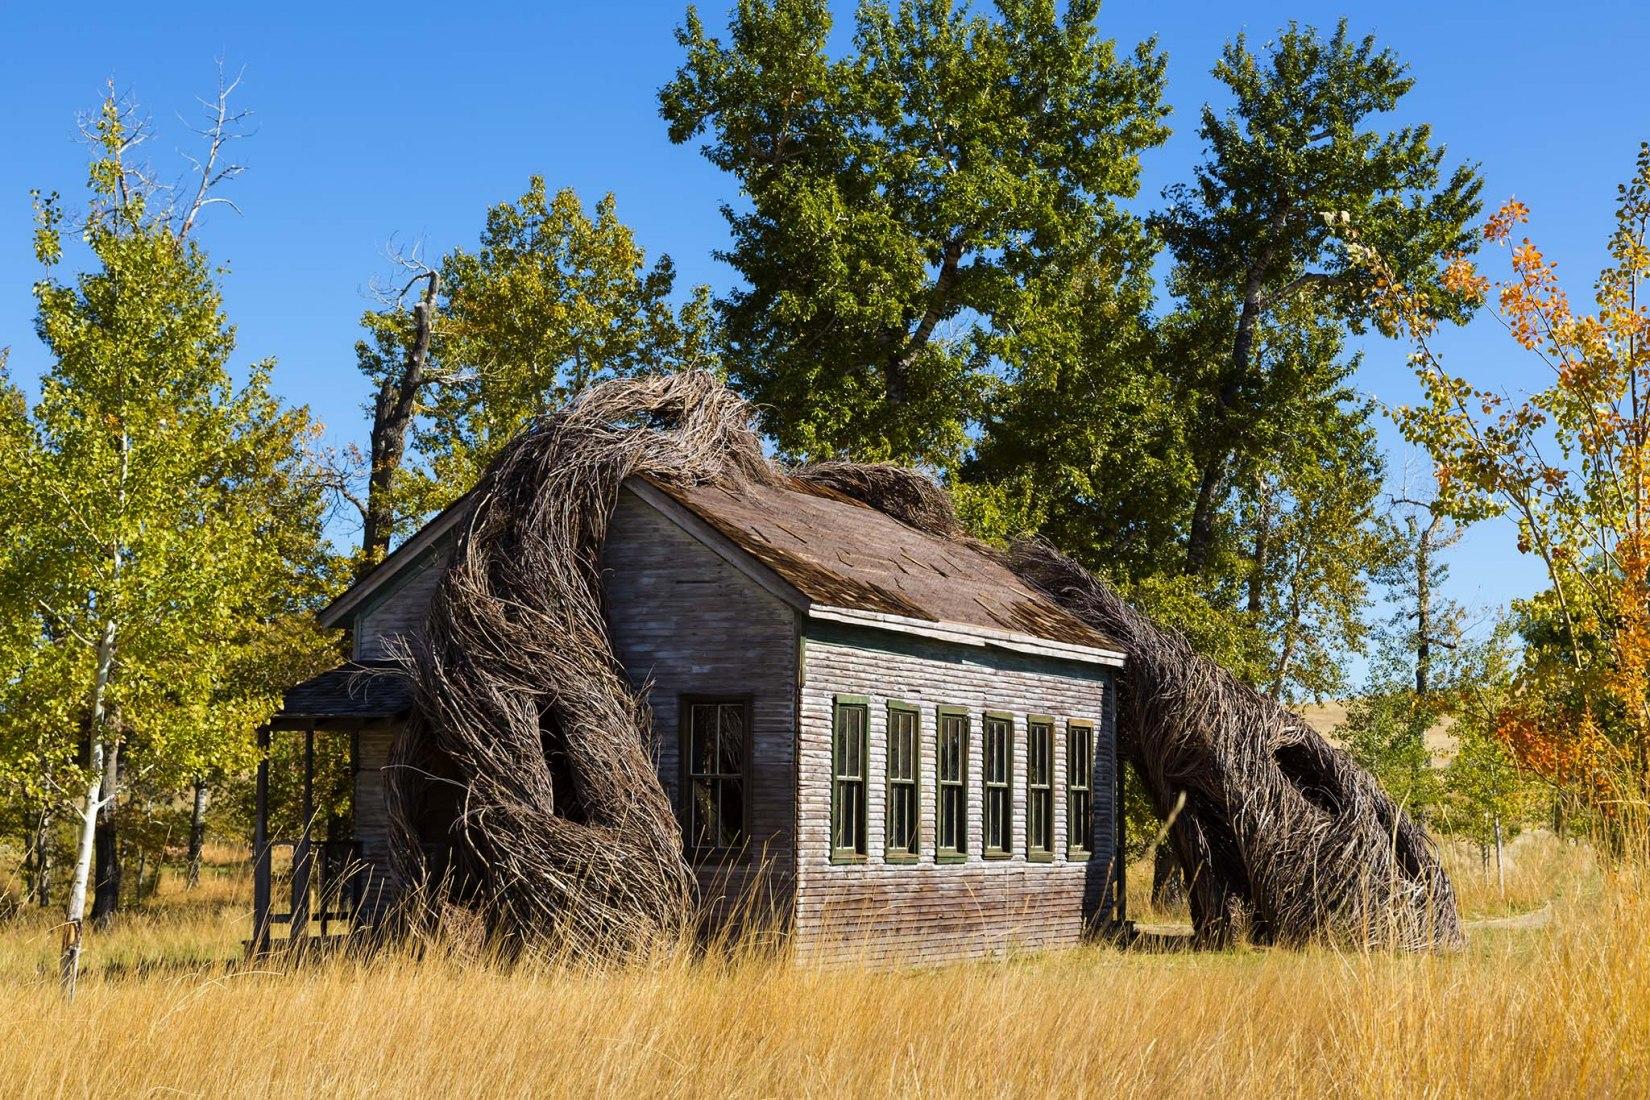 Centro de arte Tippet Rise por Cushing Terrel. Fotografía por Karl Neumann.